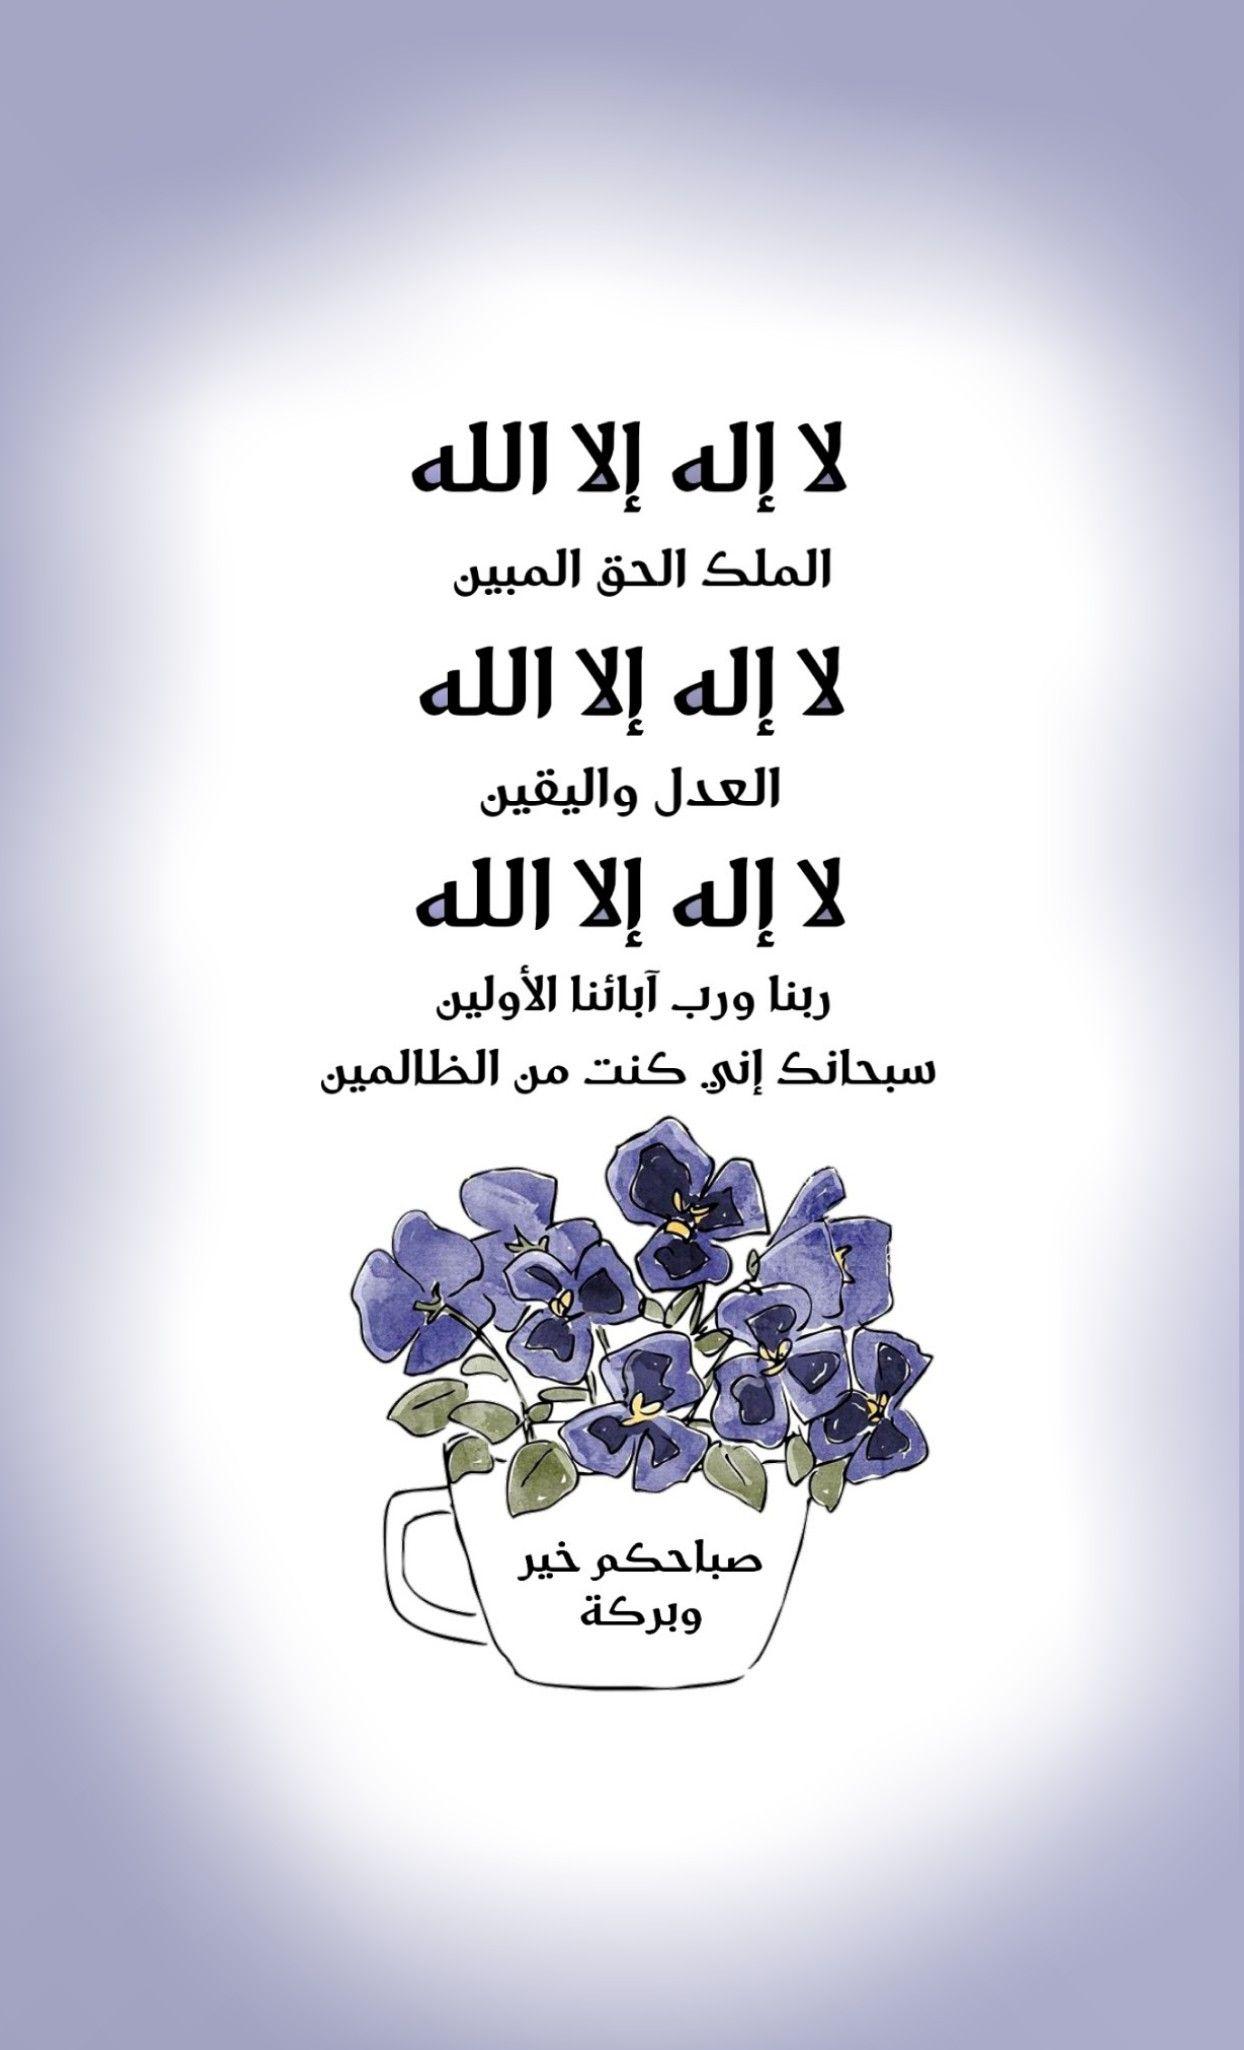 لا إله إلا الله الملك الحق المبين لا إله إلا الله العدل واليقين لا إله إلا الله ربنا ورب آبائنا Quran Quotes Love Islamic Quotes Good Morning Greetings